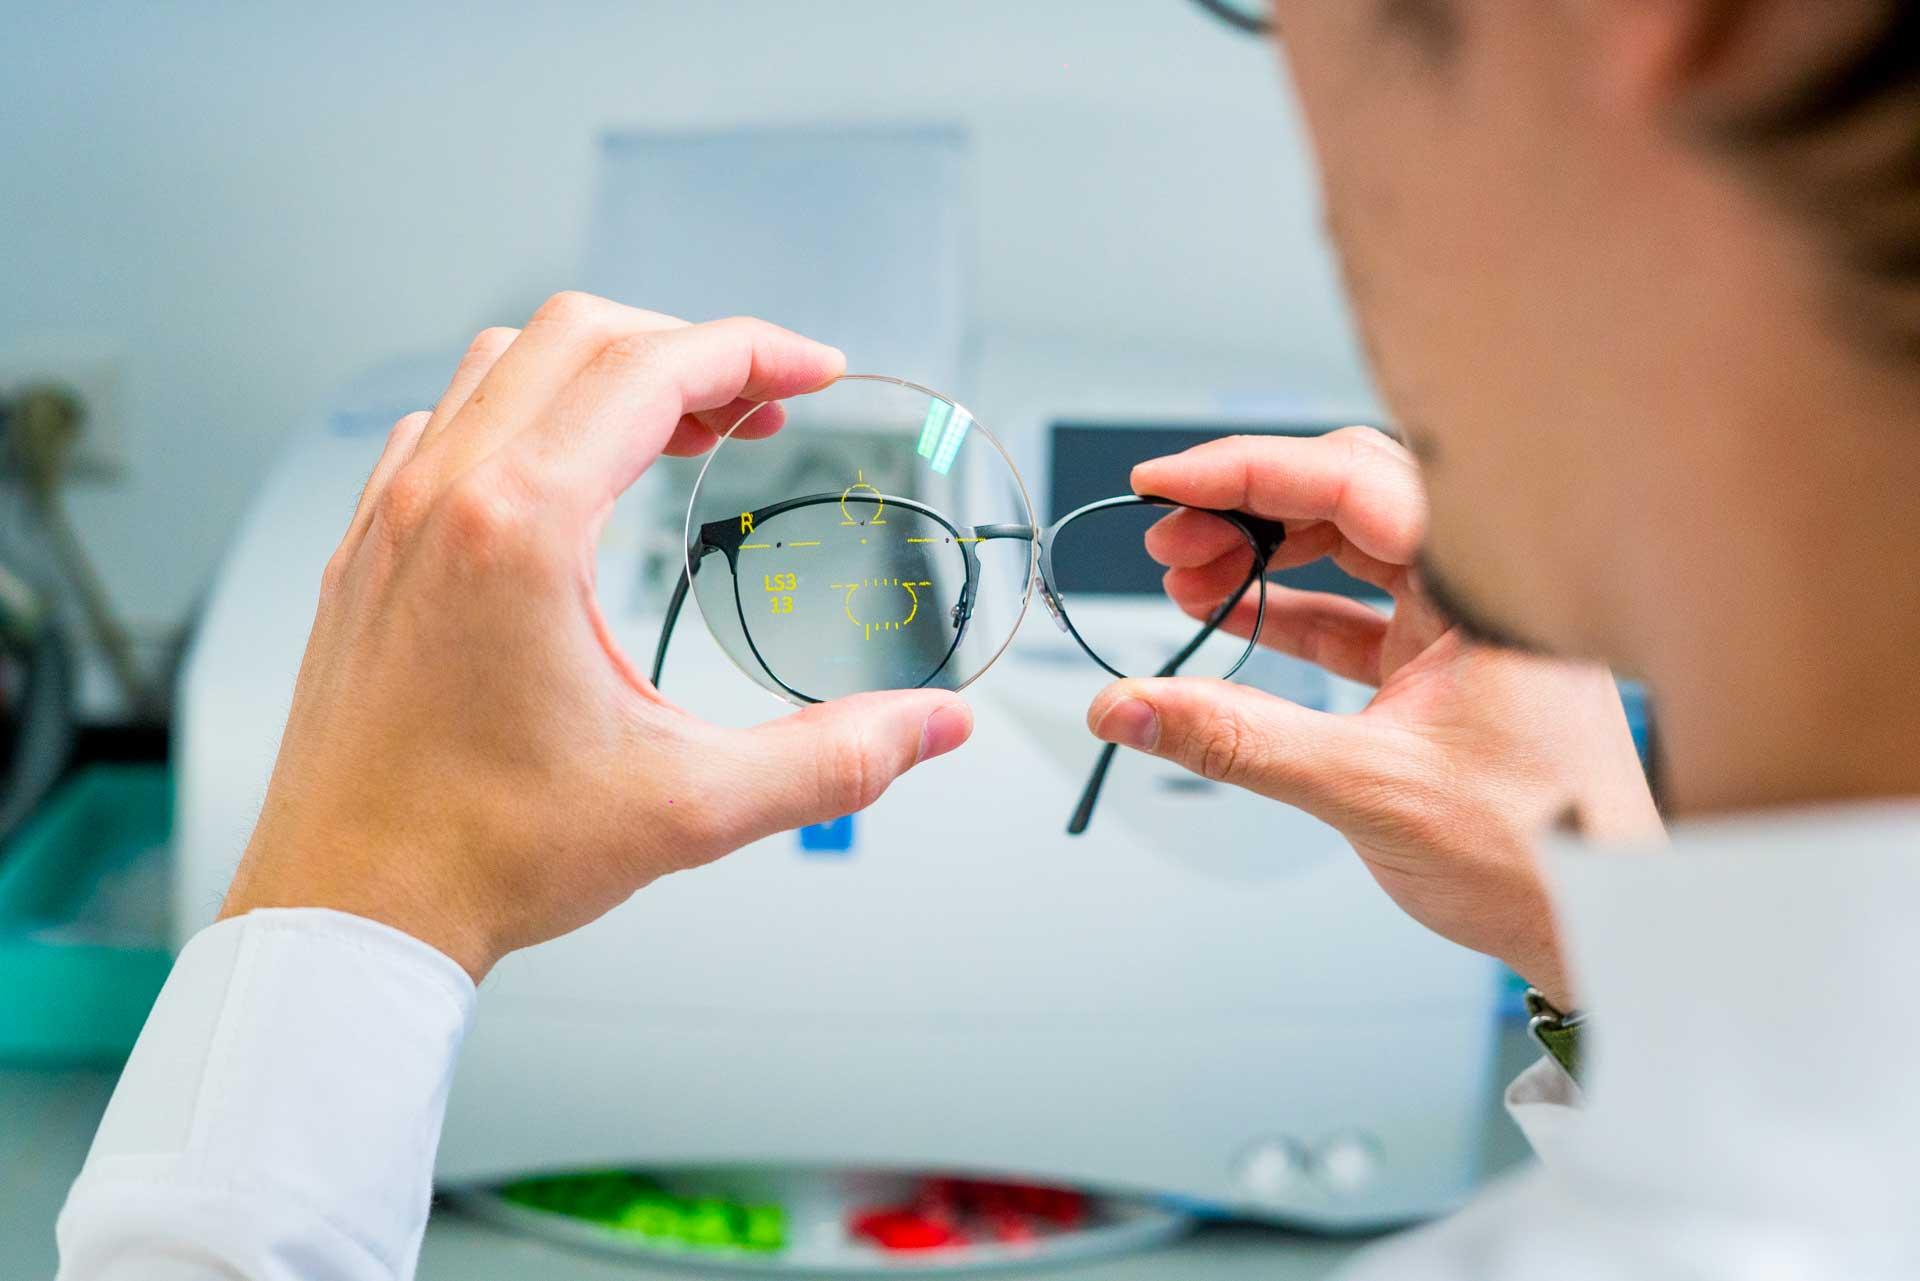 c2ad17561 Le lenti oftalmiche hanno il compito di migliorare le tue giornate e di  mettere al bando tutti quei fastidi che non ti permettono di gioire appieno  del tuo ...